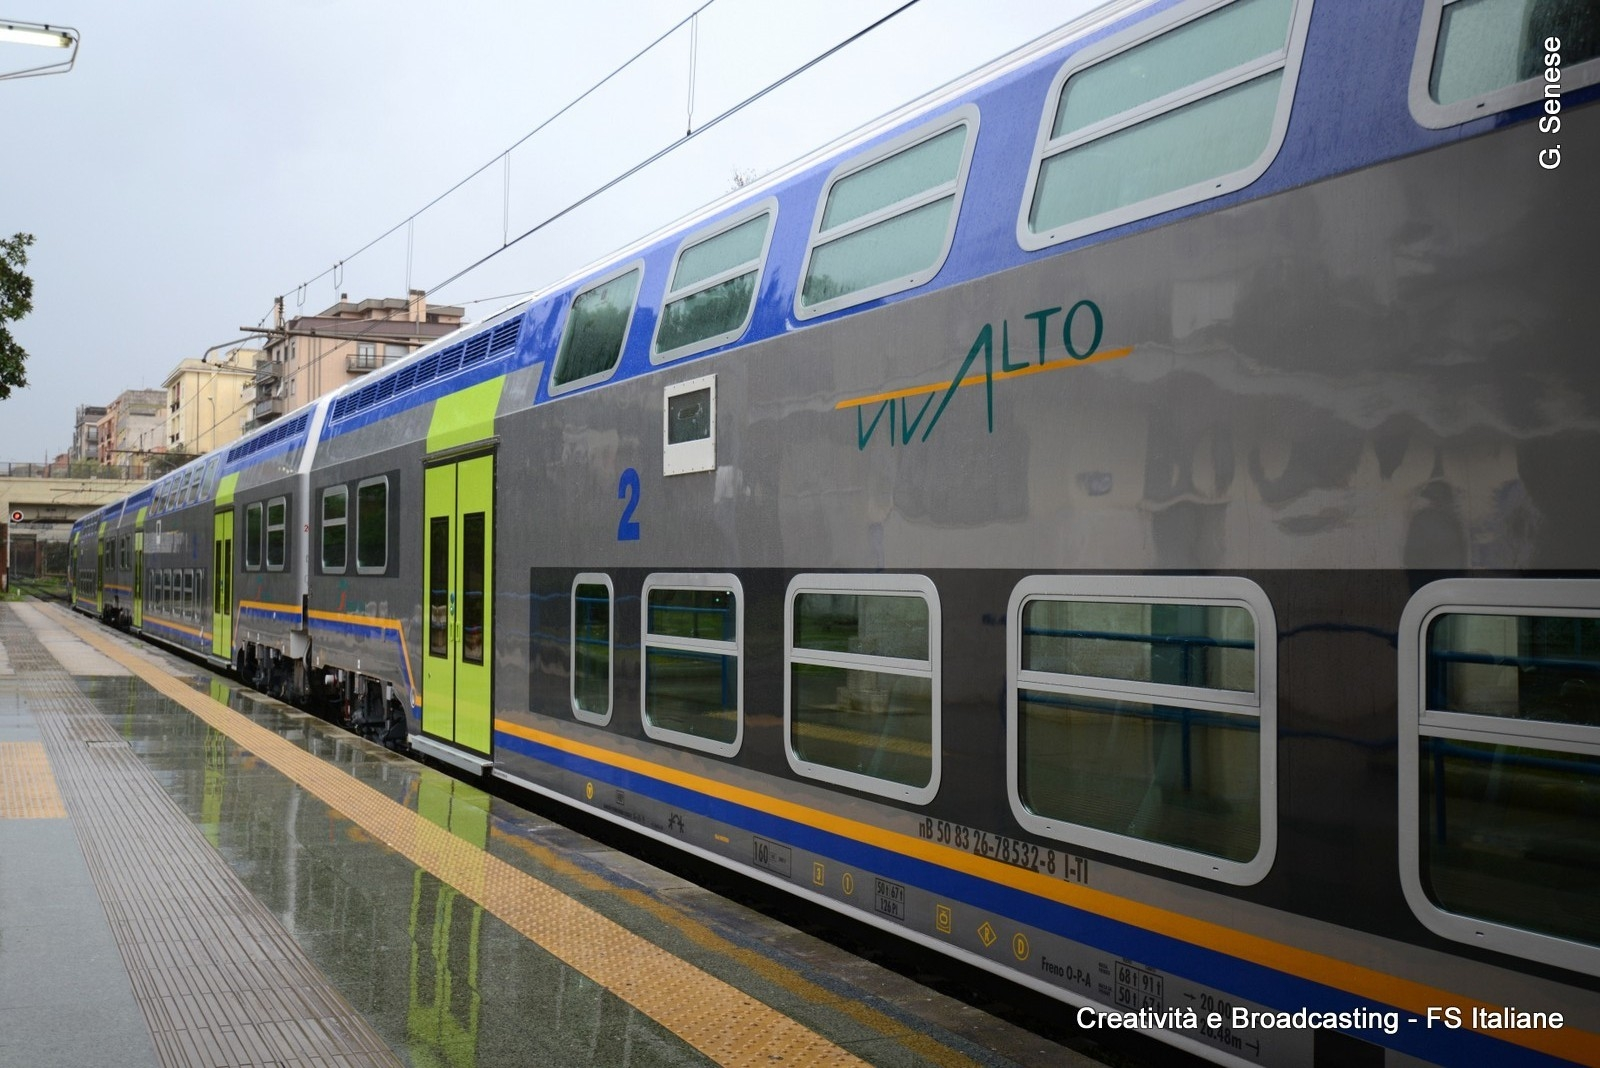 Il nuovo Vivalto in servizio sulla FR8 Roma-Nettuno - Foto Gruppo Ferrovie dello Stato